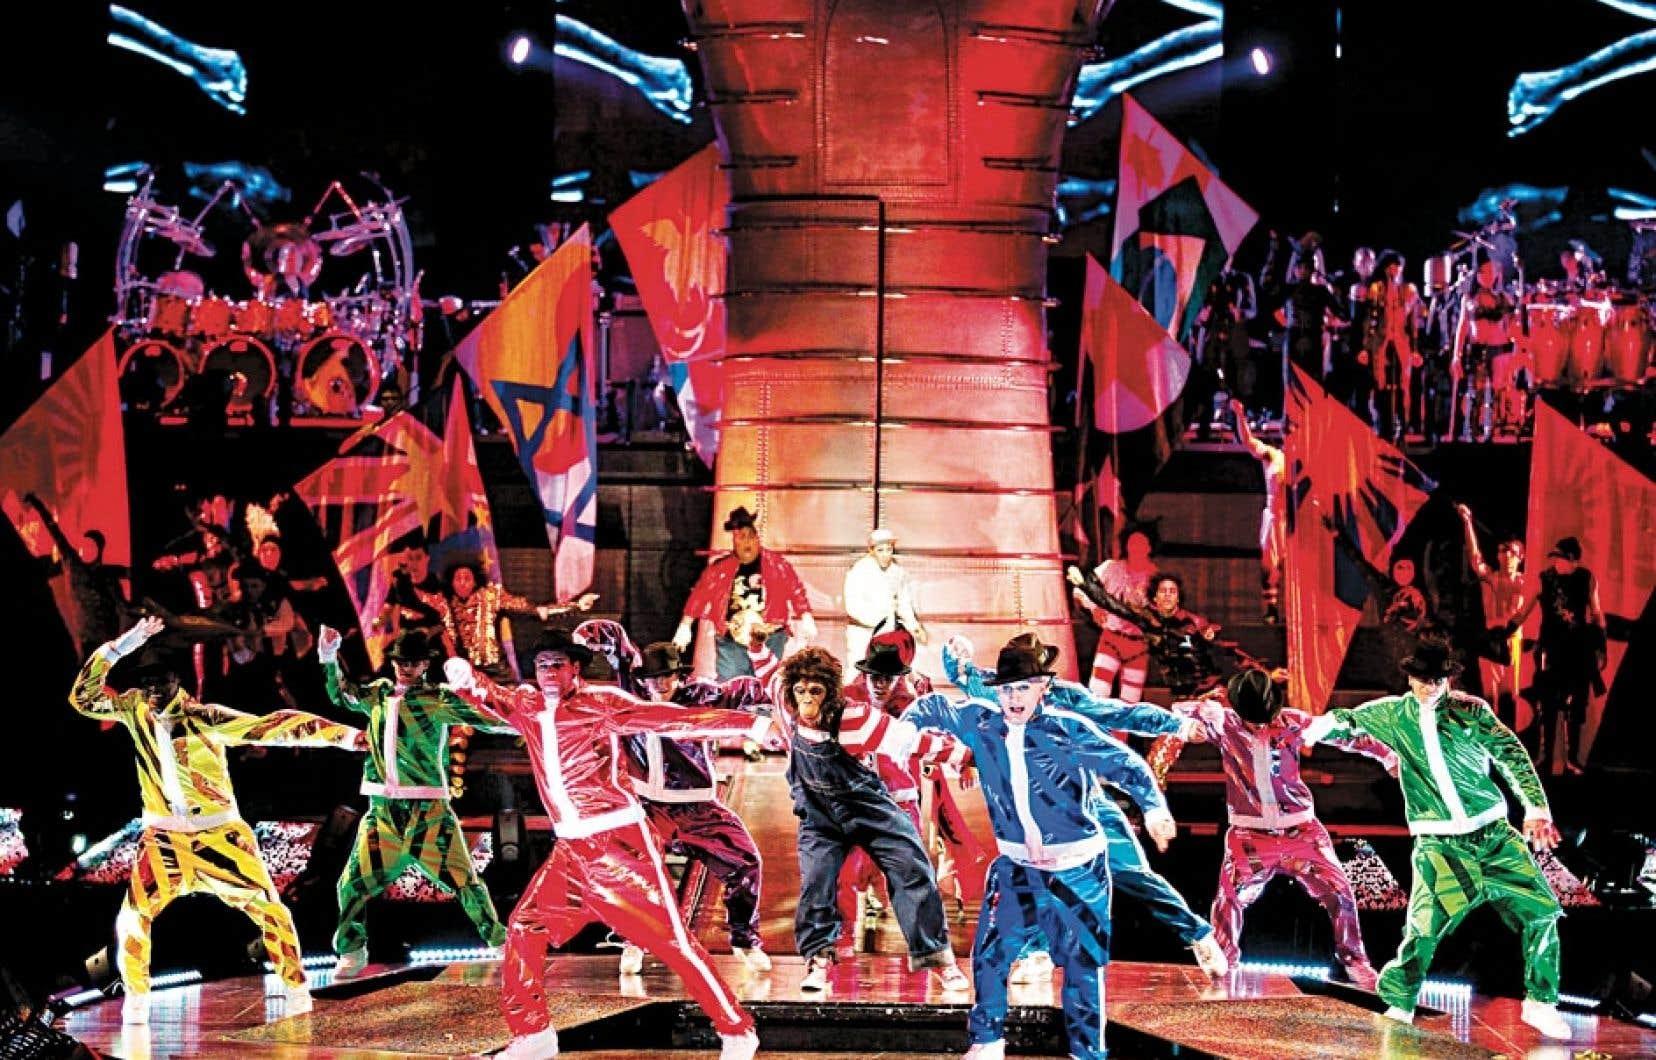 Alors que d'autres spectacles du Cirque du Soleil quittent l'affiche, la production itinérante Michael Jackson : The Immortal World Tour, créée il y a un an, s'installera de manière permanente au Mandalay Bay de Las Vegas en mai 2013.